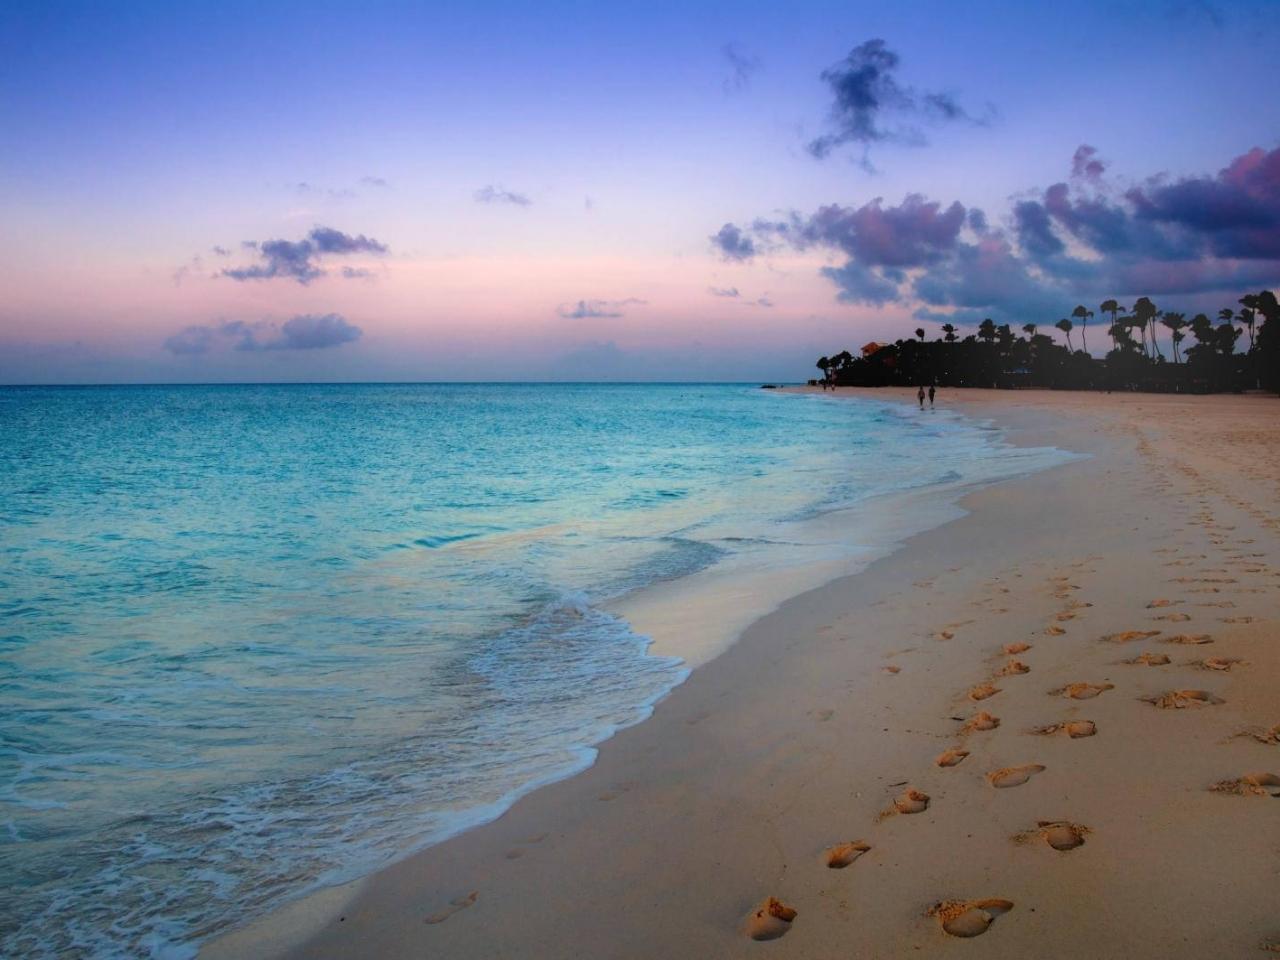 Amanecer en la playa azul - 1280x960